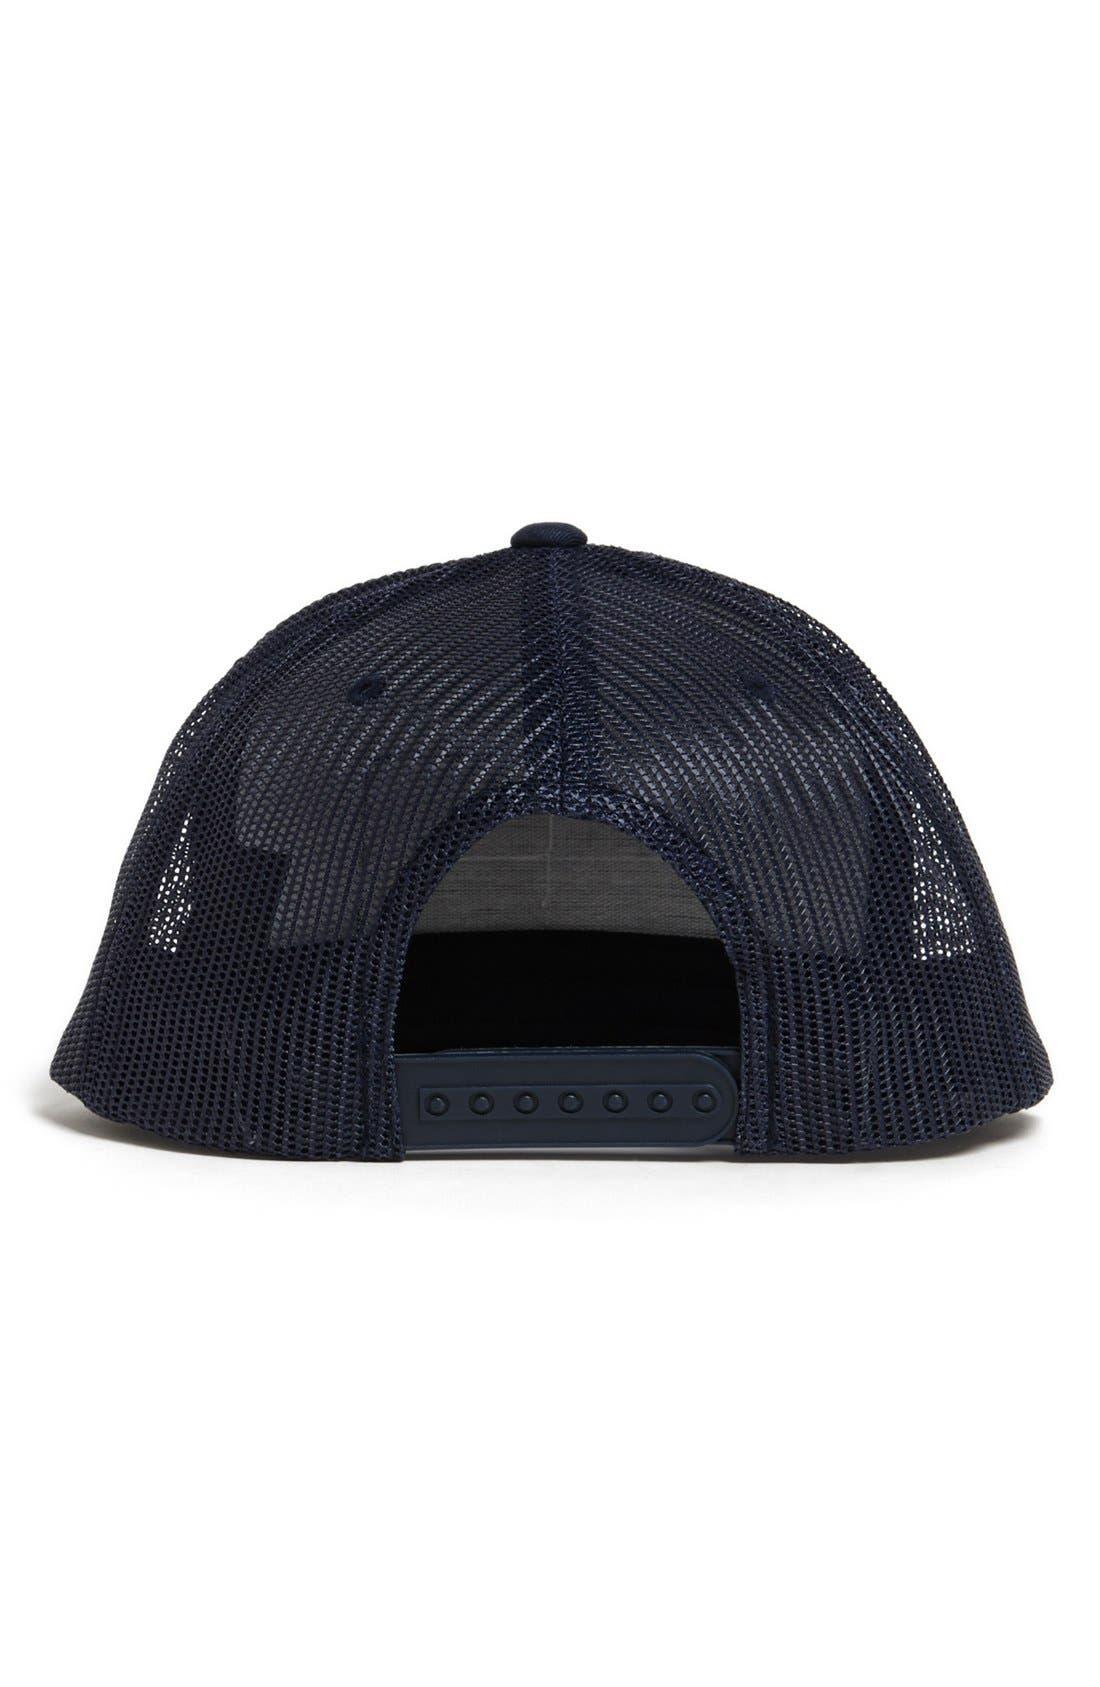 Alternate Image 2  - Obey 'Sickx' Trucker Hat